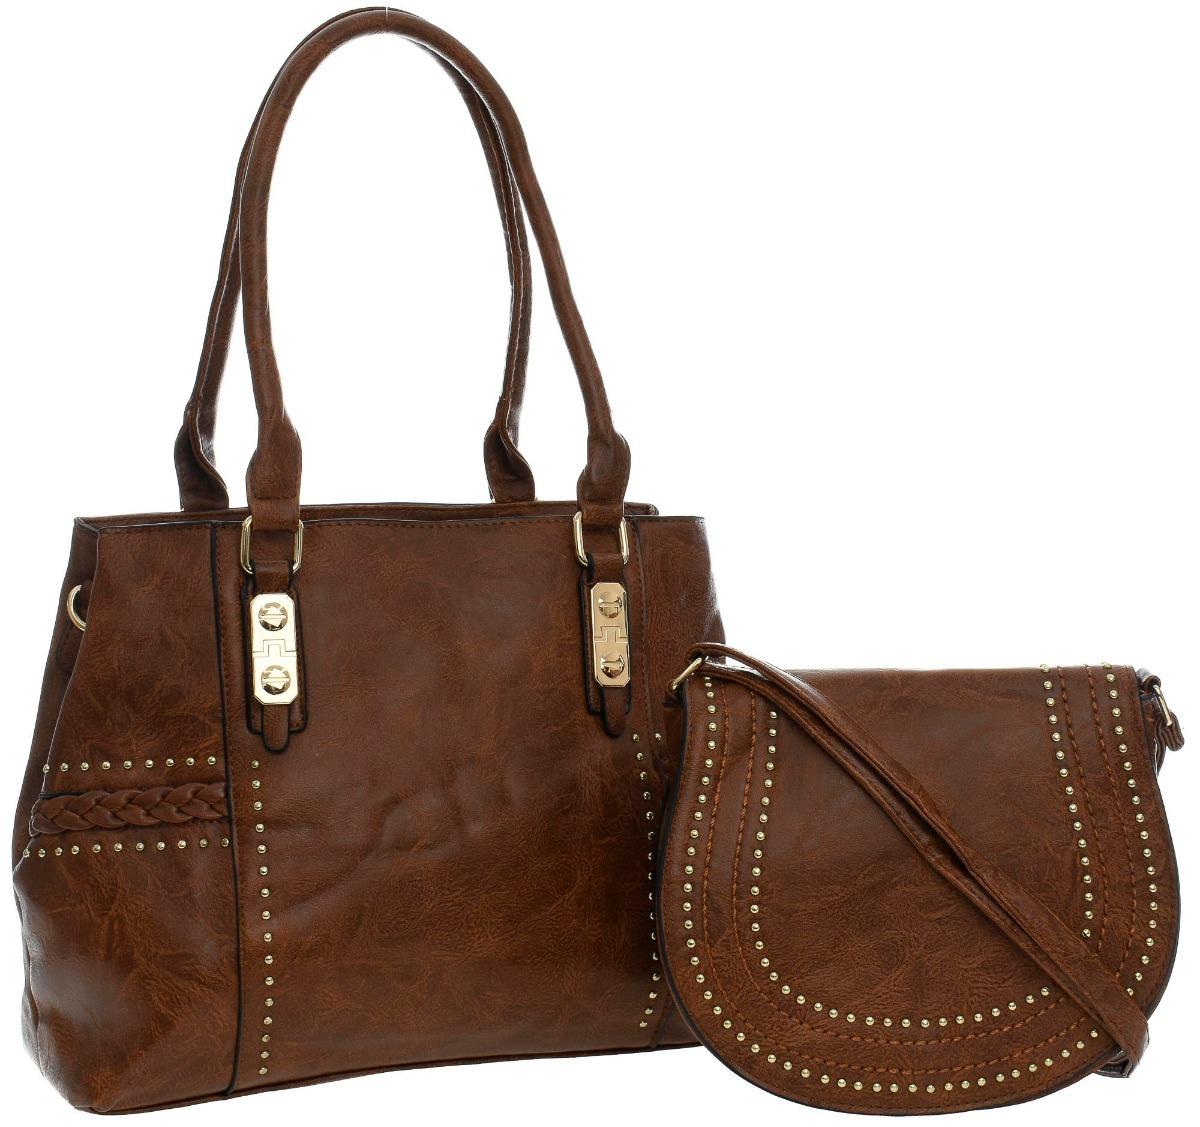 bbd7ebe54 kit duas bolsas feminina moda qualidade promoção couro pu. Carregando zoom.